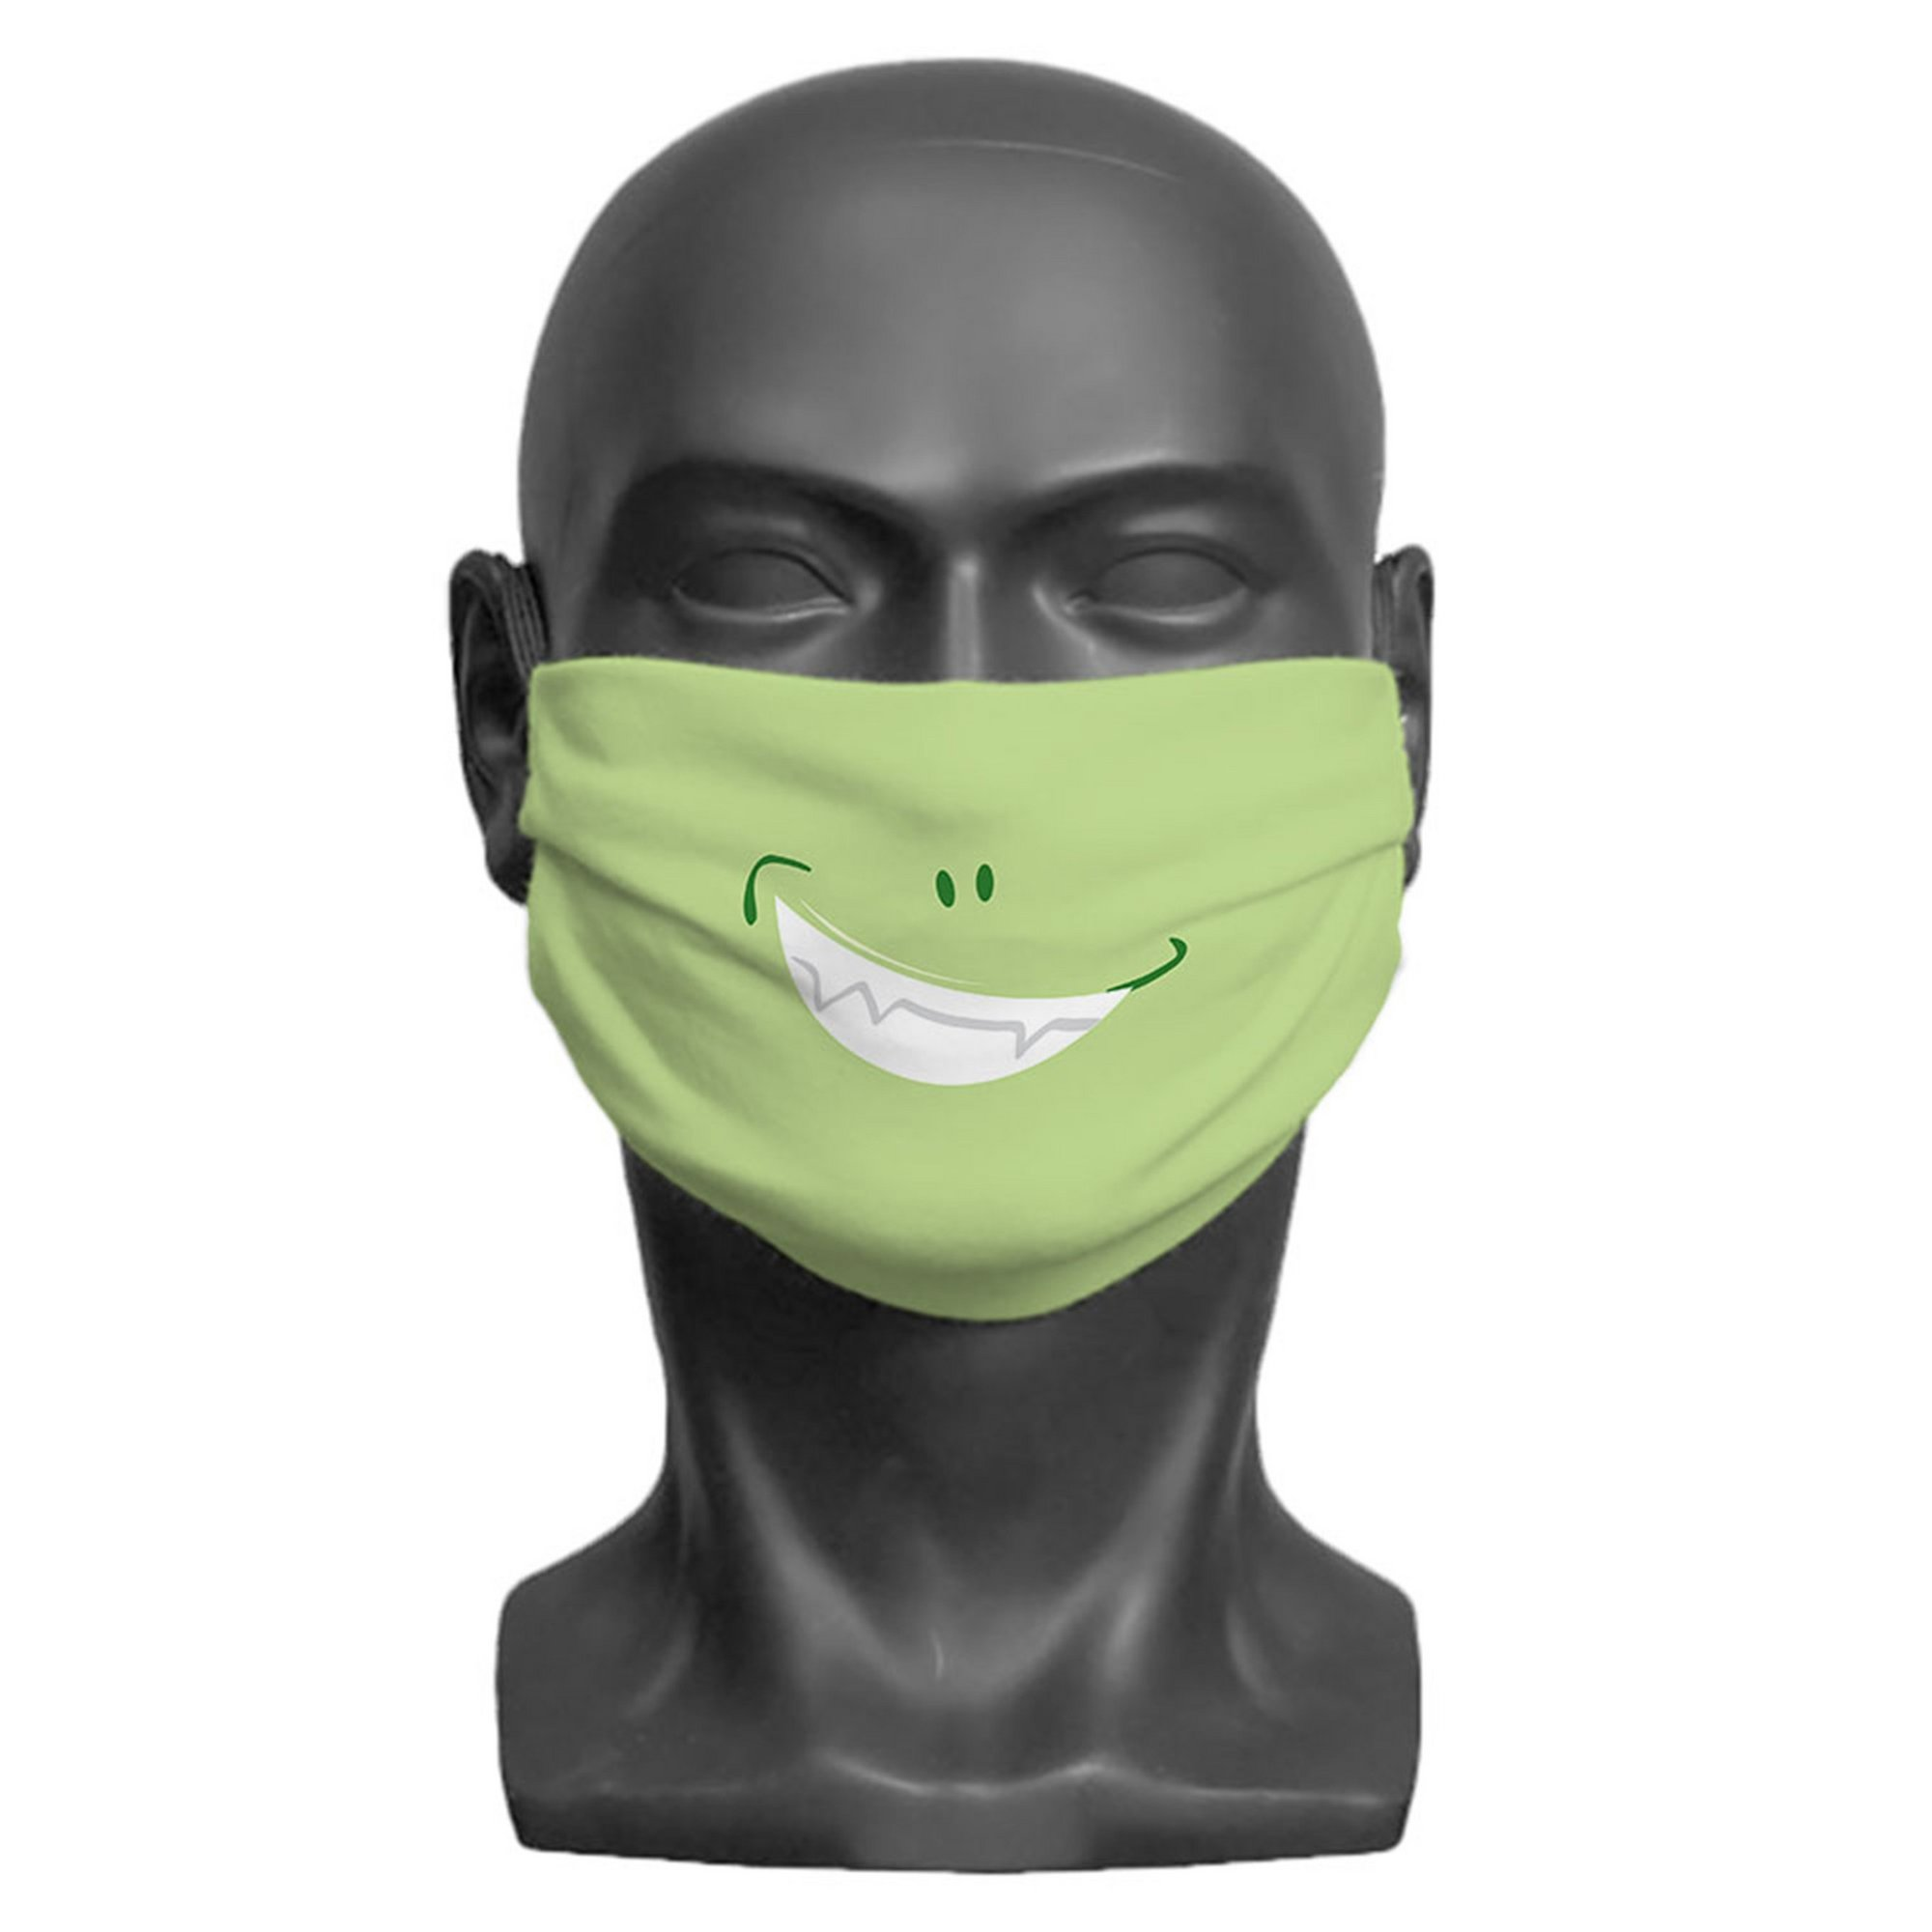 Image of Kids Little Monster Green Face Mask